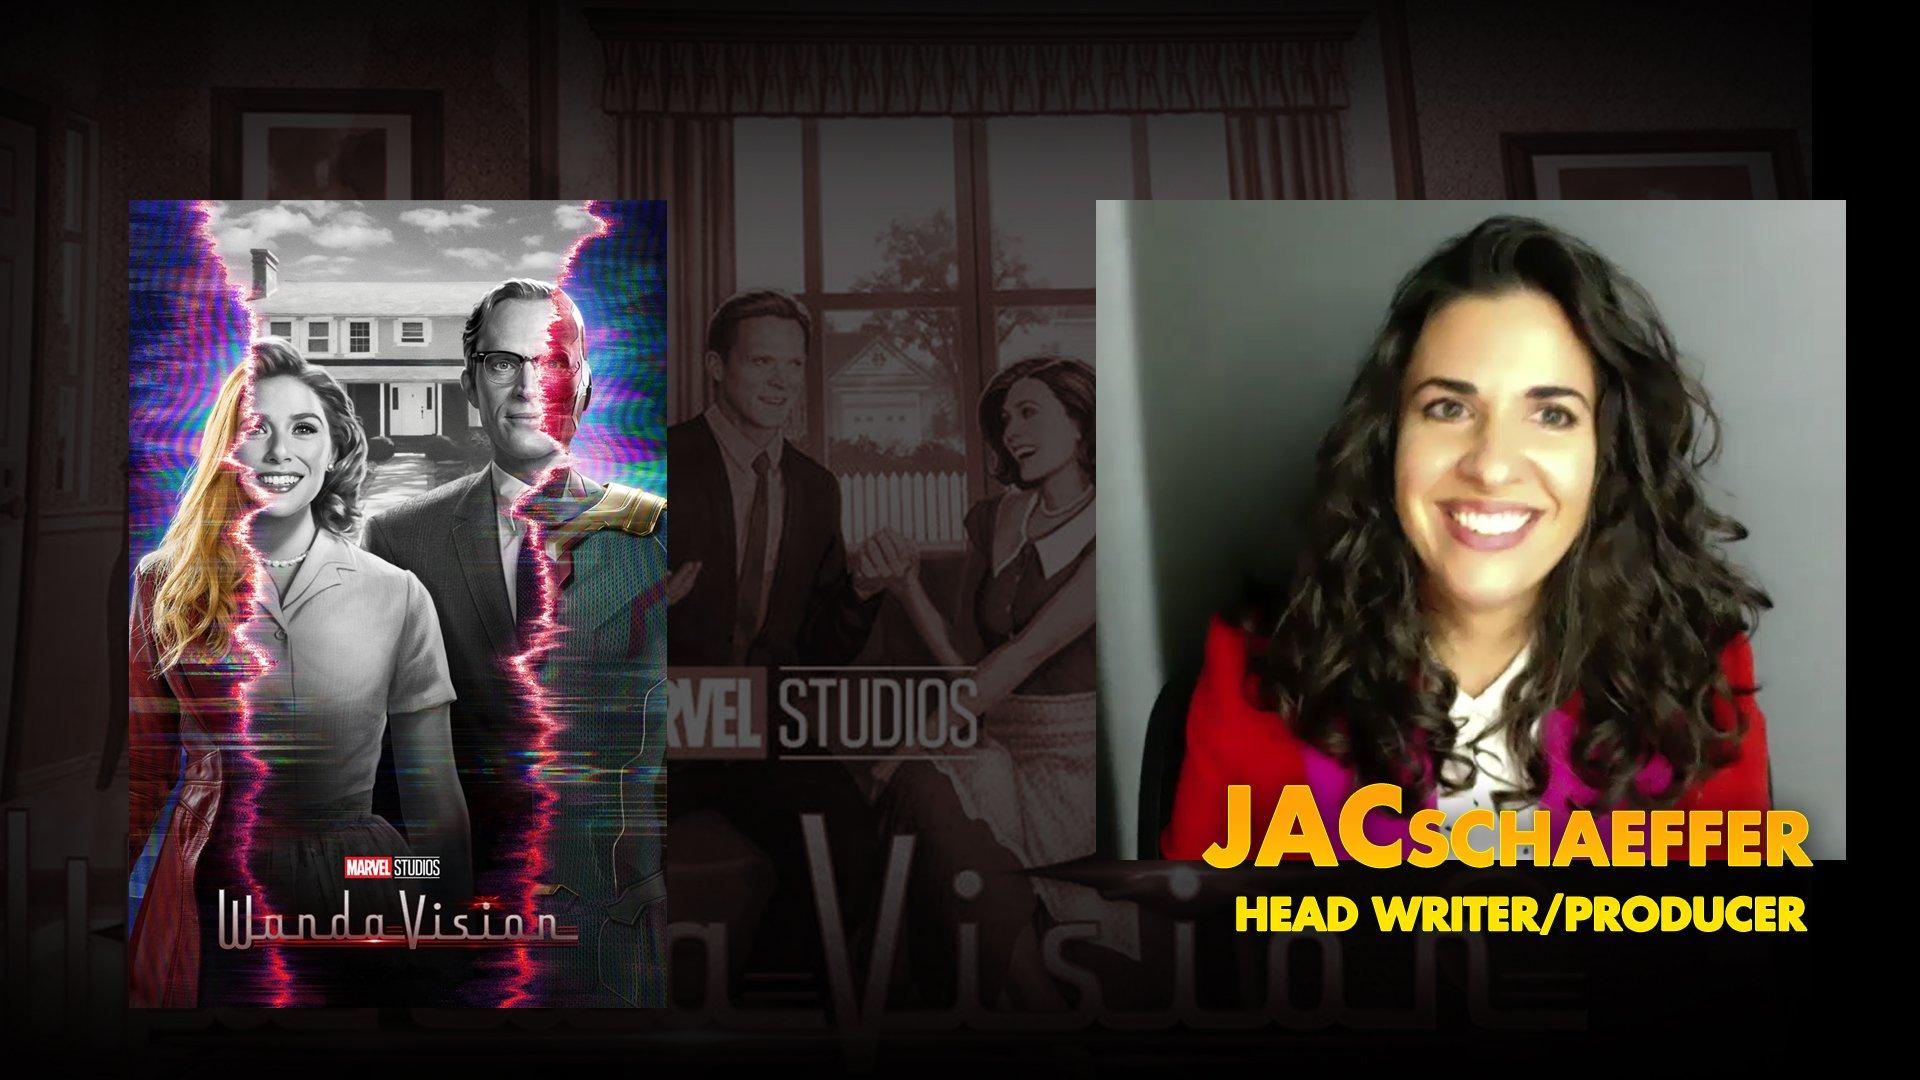 Entrevista de WandaVision con el escritor / productor principal Schaeffer